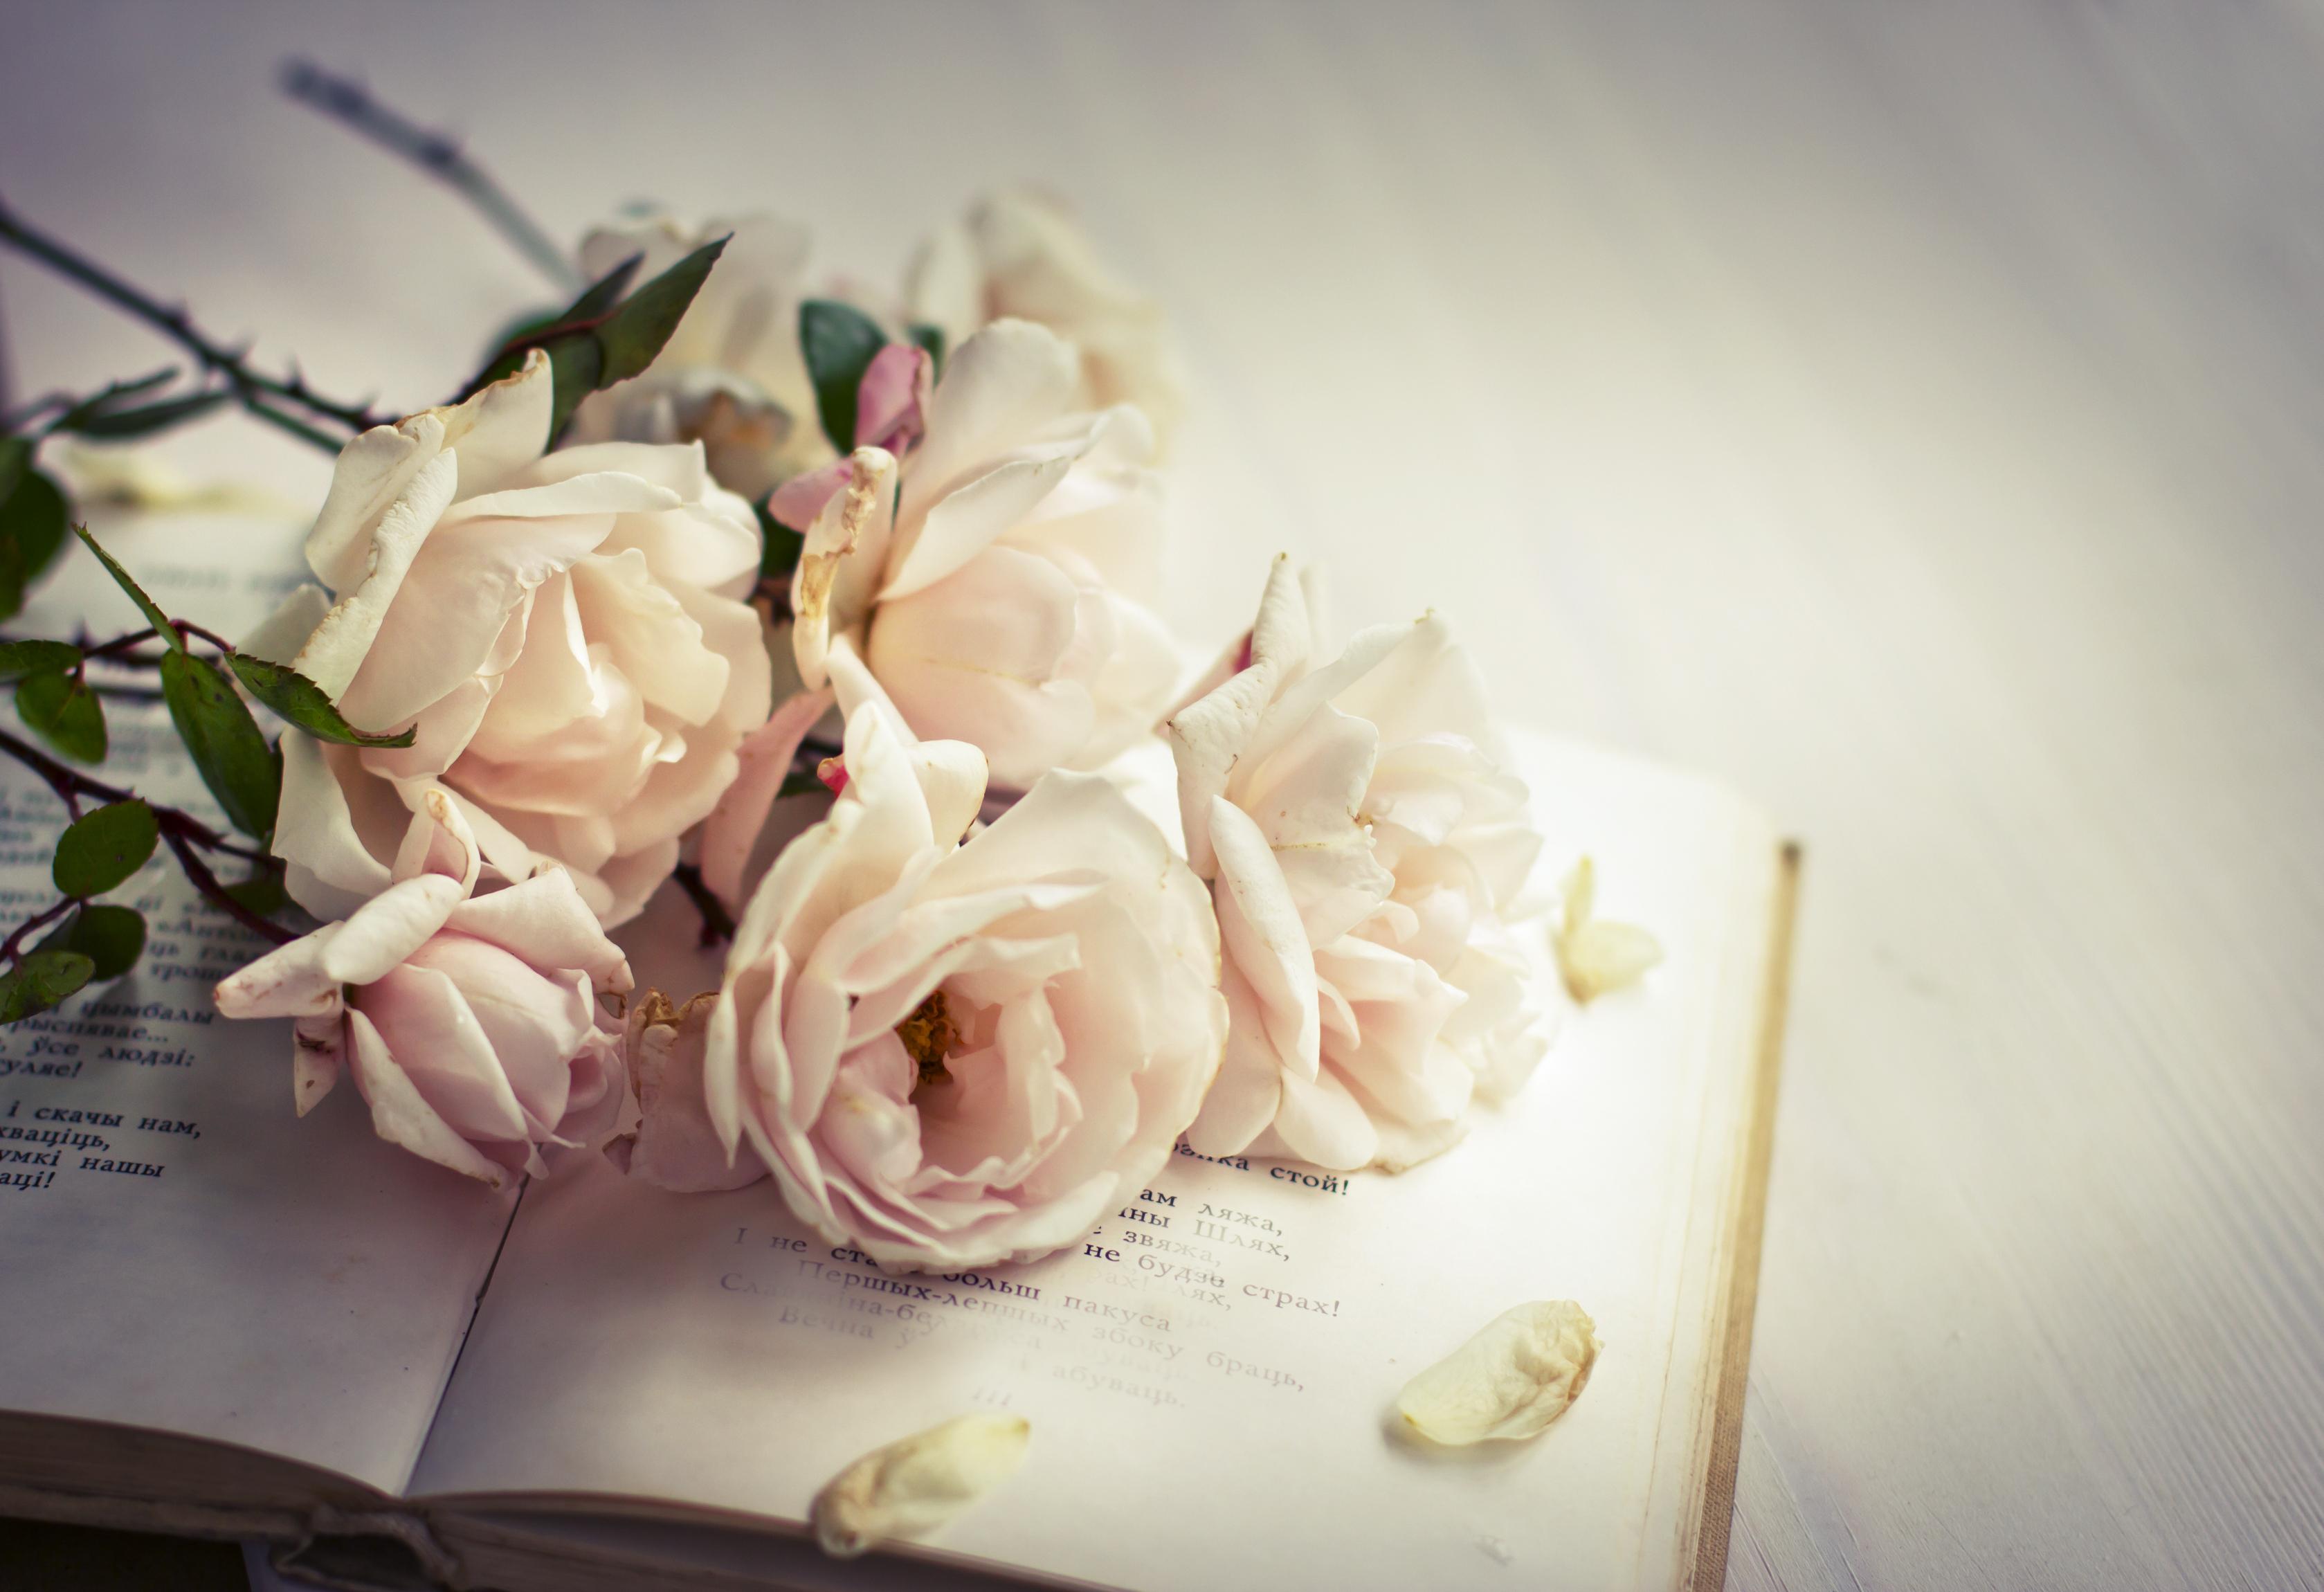 4 kérdés, amit minden romantikus regény írónak fel kellene tennie magának